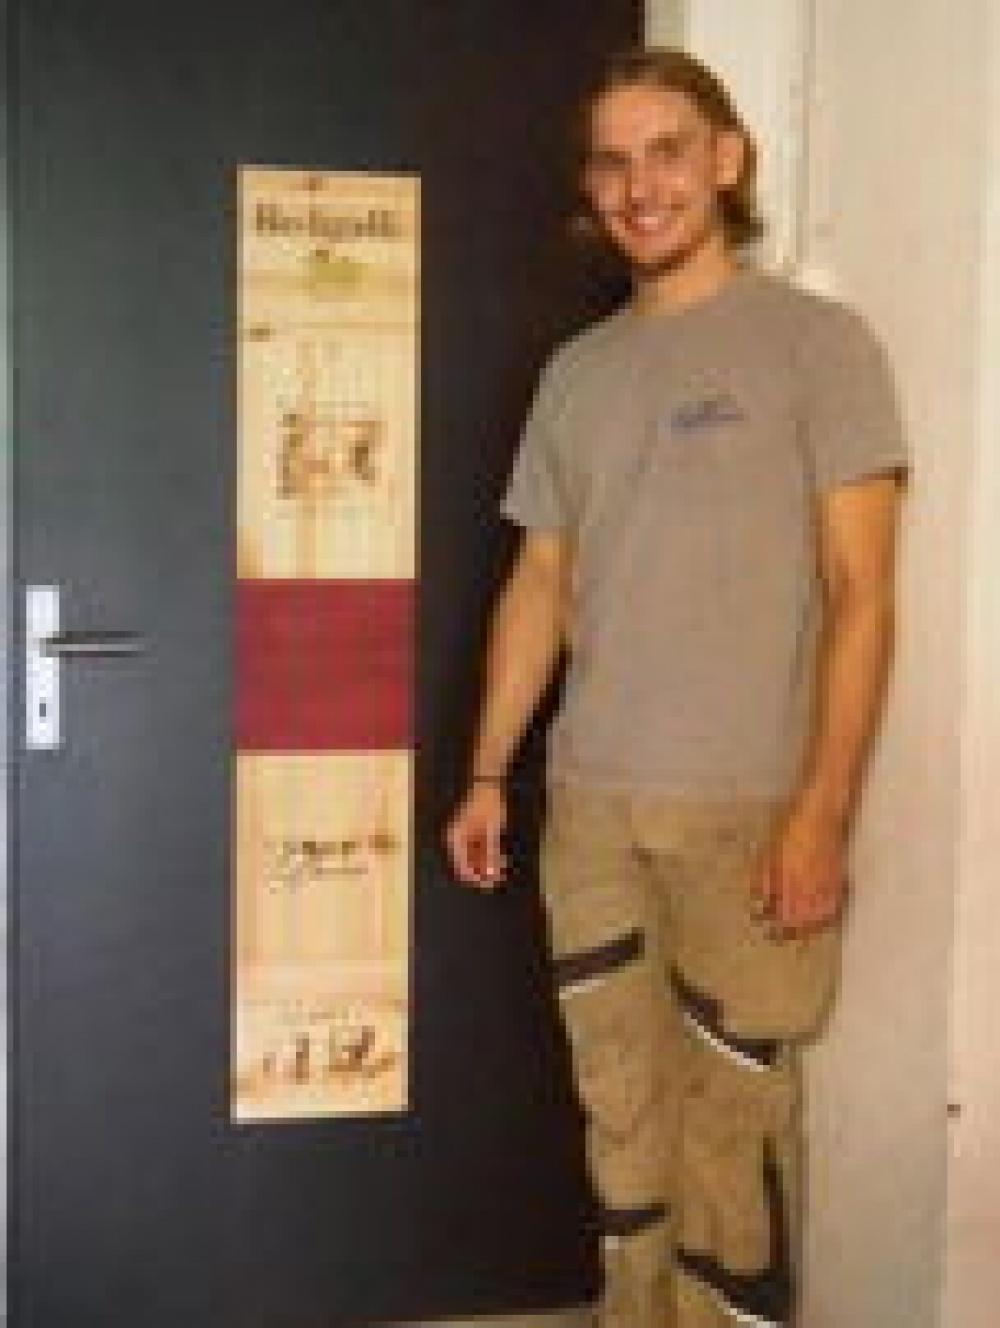 Abschlussarbeit Raphael Wyrsch: Tür.